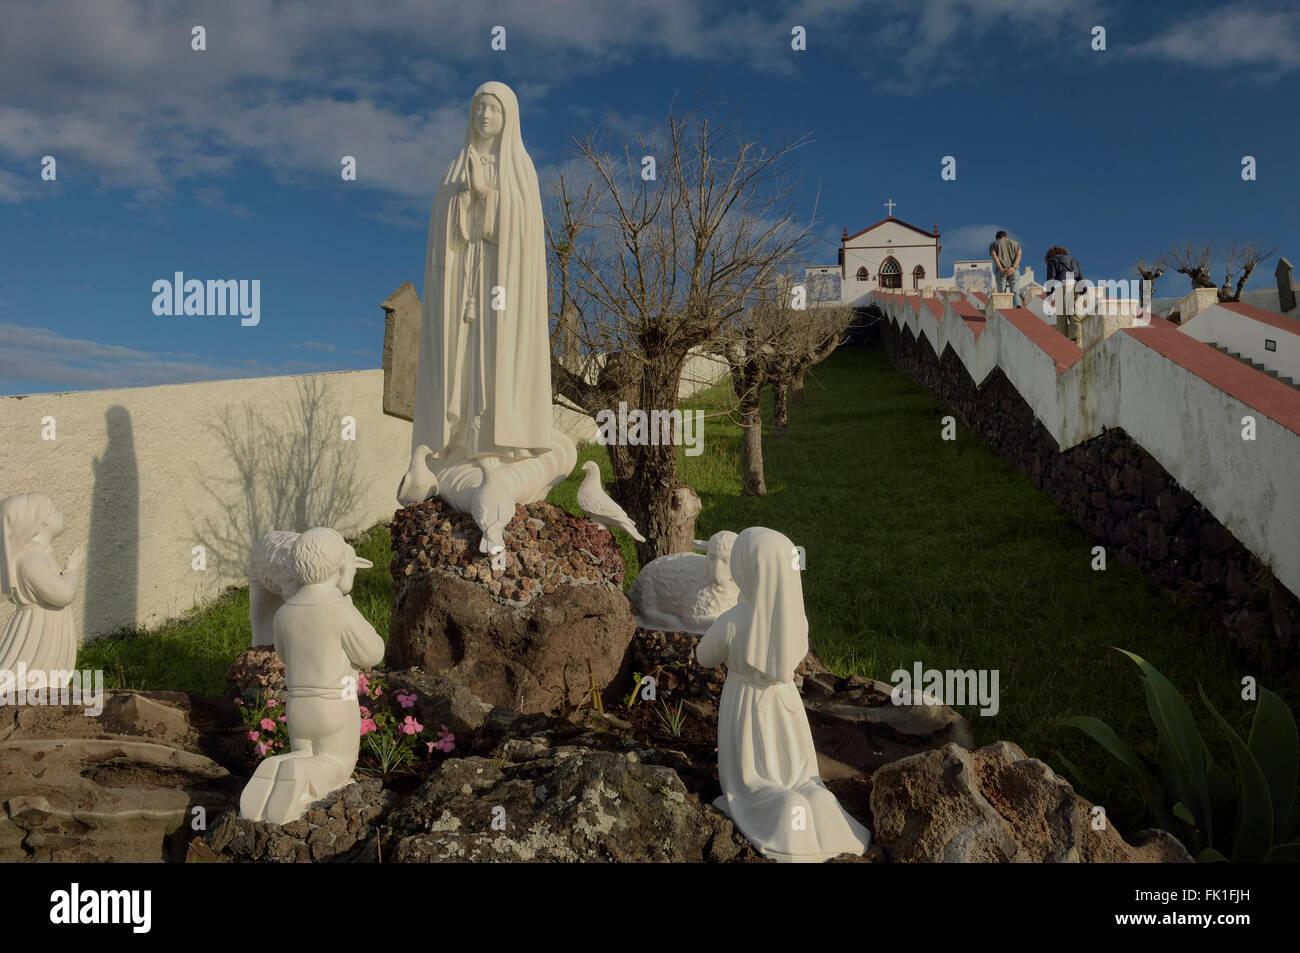 Capilla de Nuestra Señora de Fátima. La Isla de Santa María. Archipiélago de las Azores. Portugal. Atlántico. Europa Foto de stock